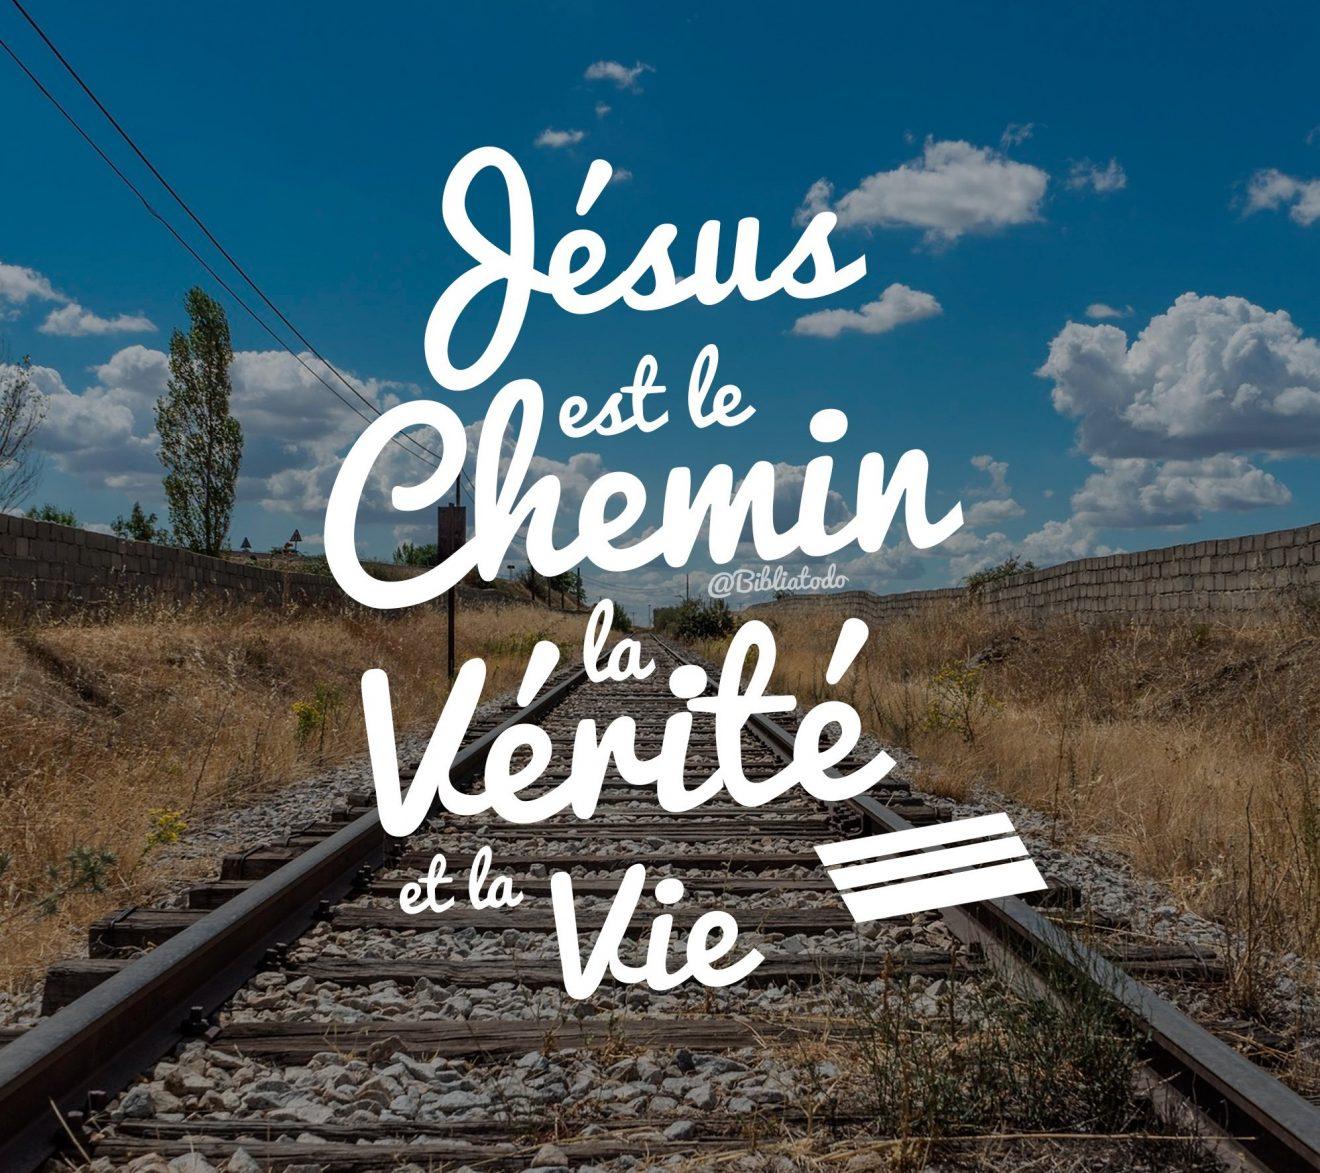 fr-img-404-Jesus-est-le-chemin-la-verite-et-la-vie